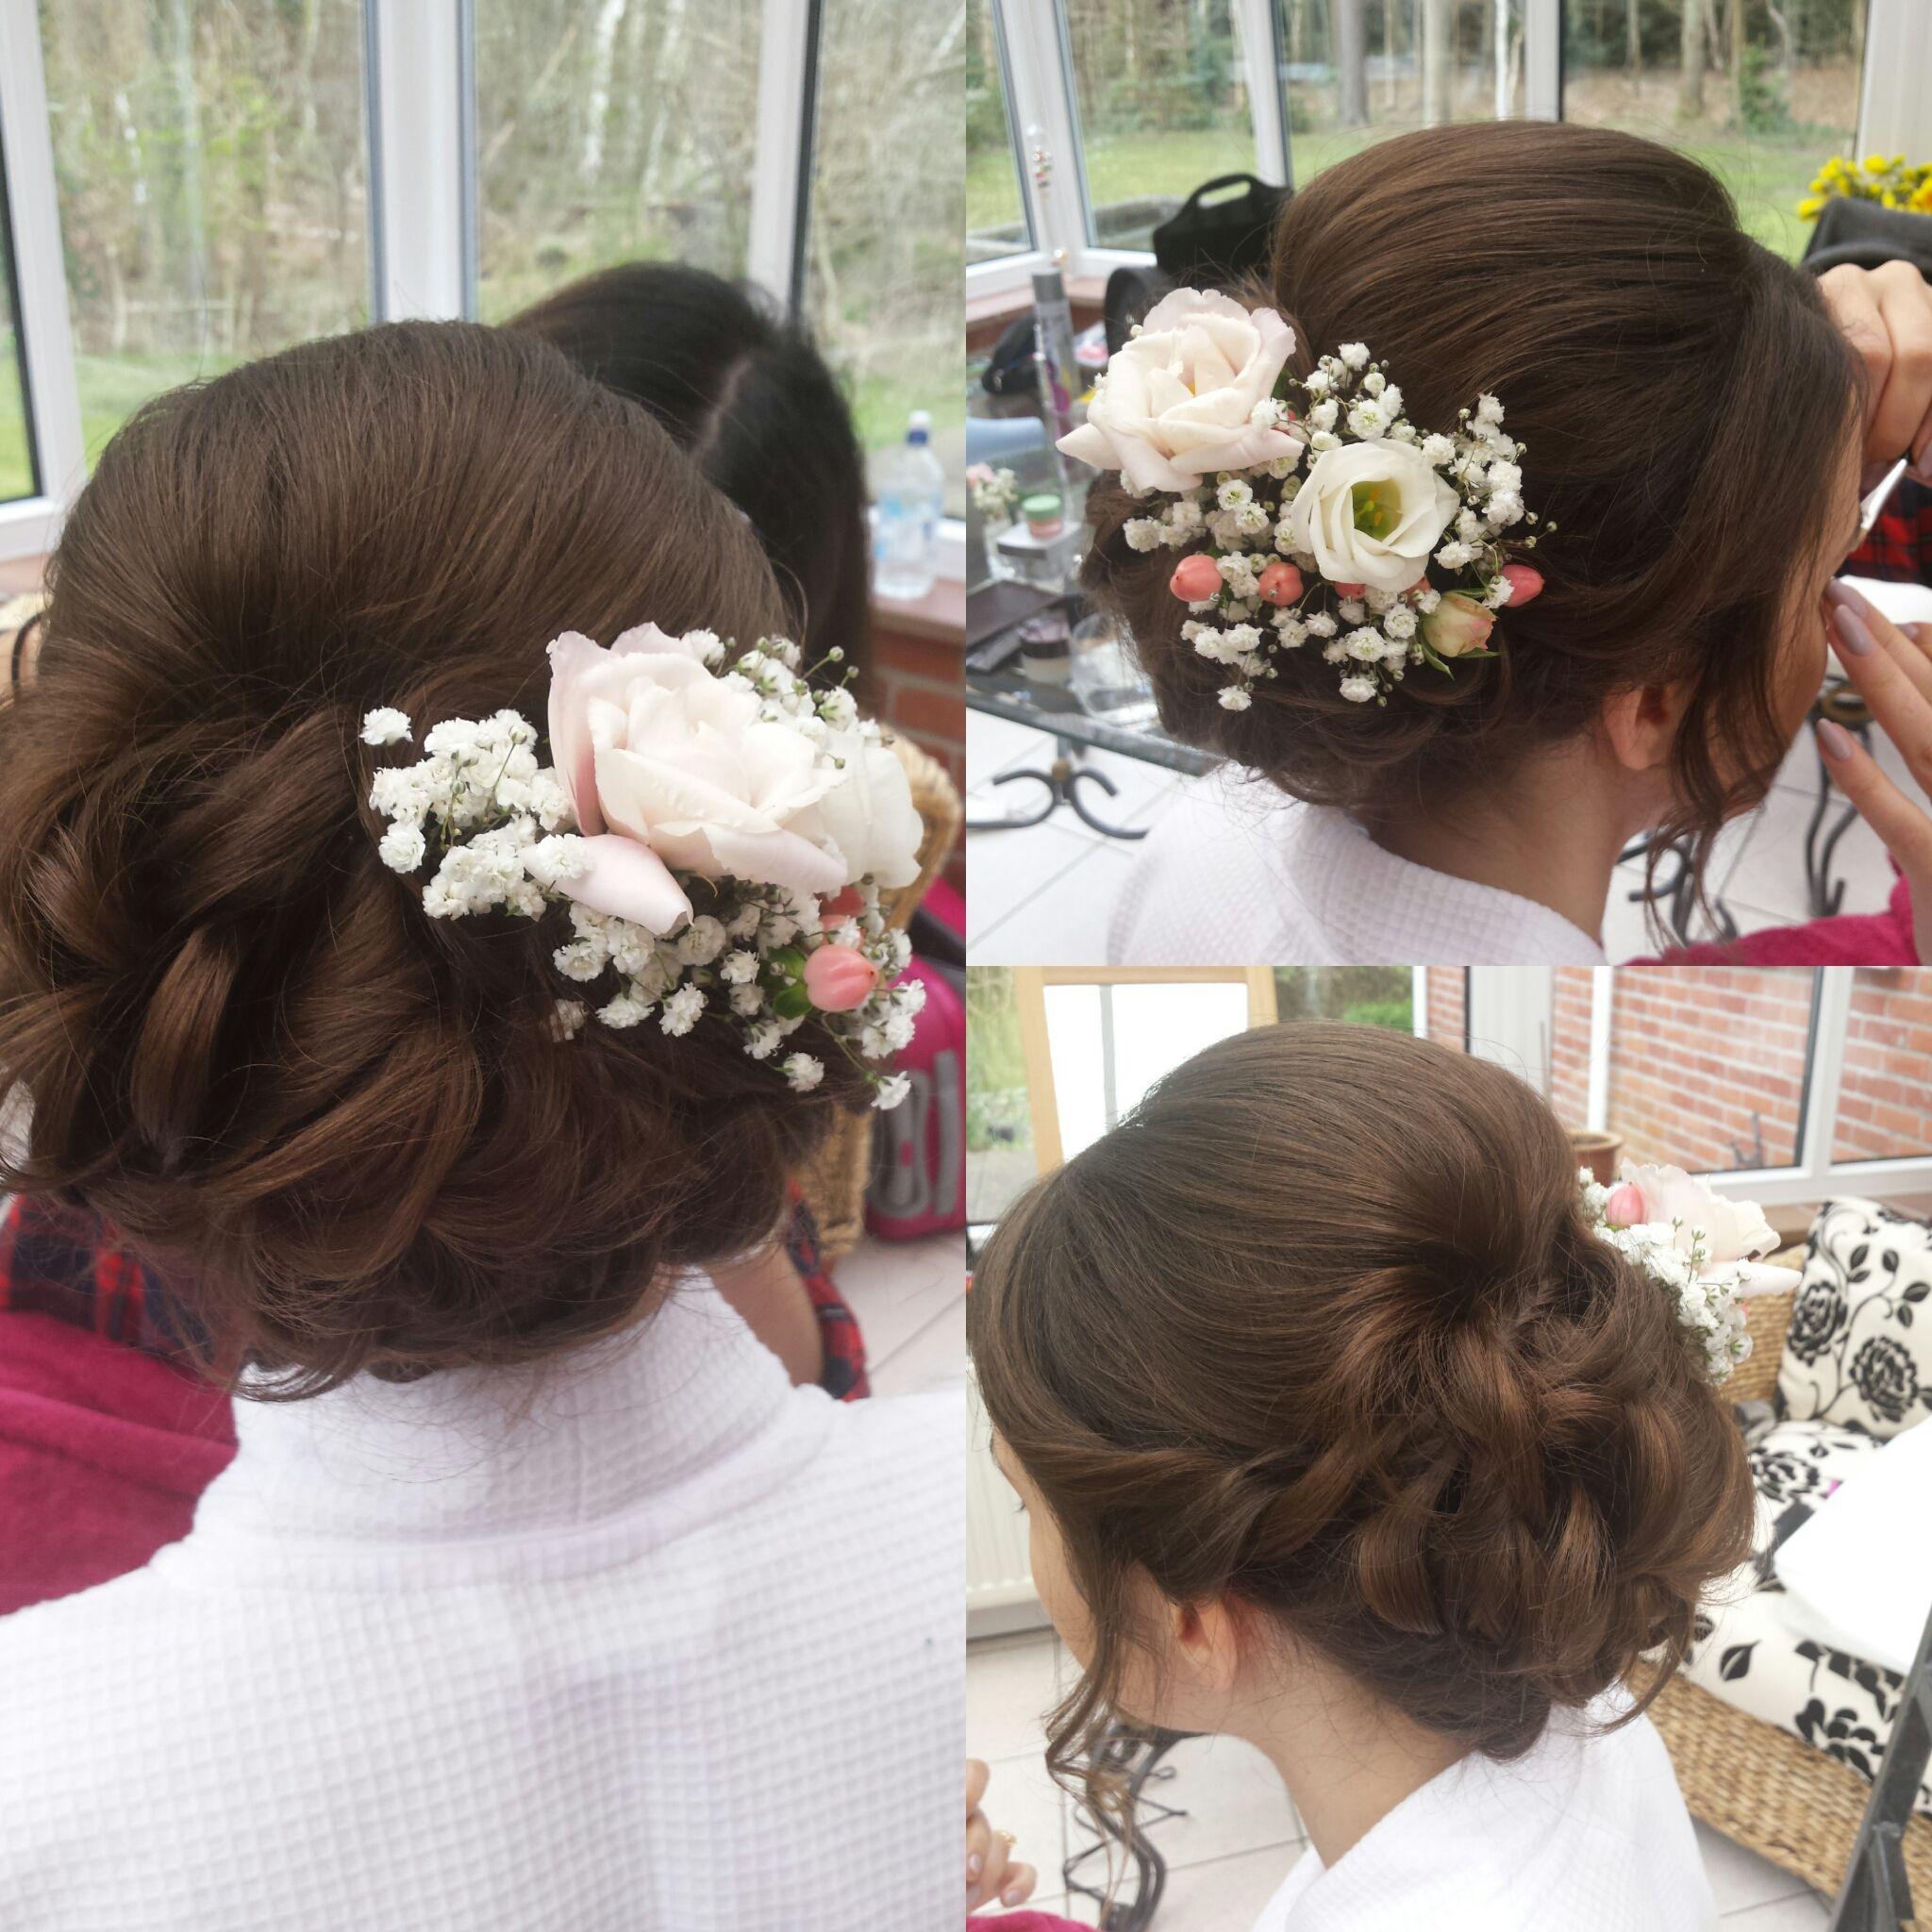 elegant brunette updo. fresh flowers in wedding hair. hair